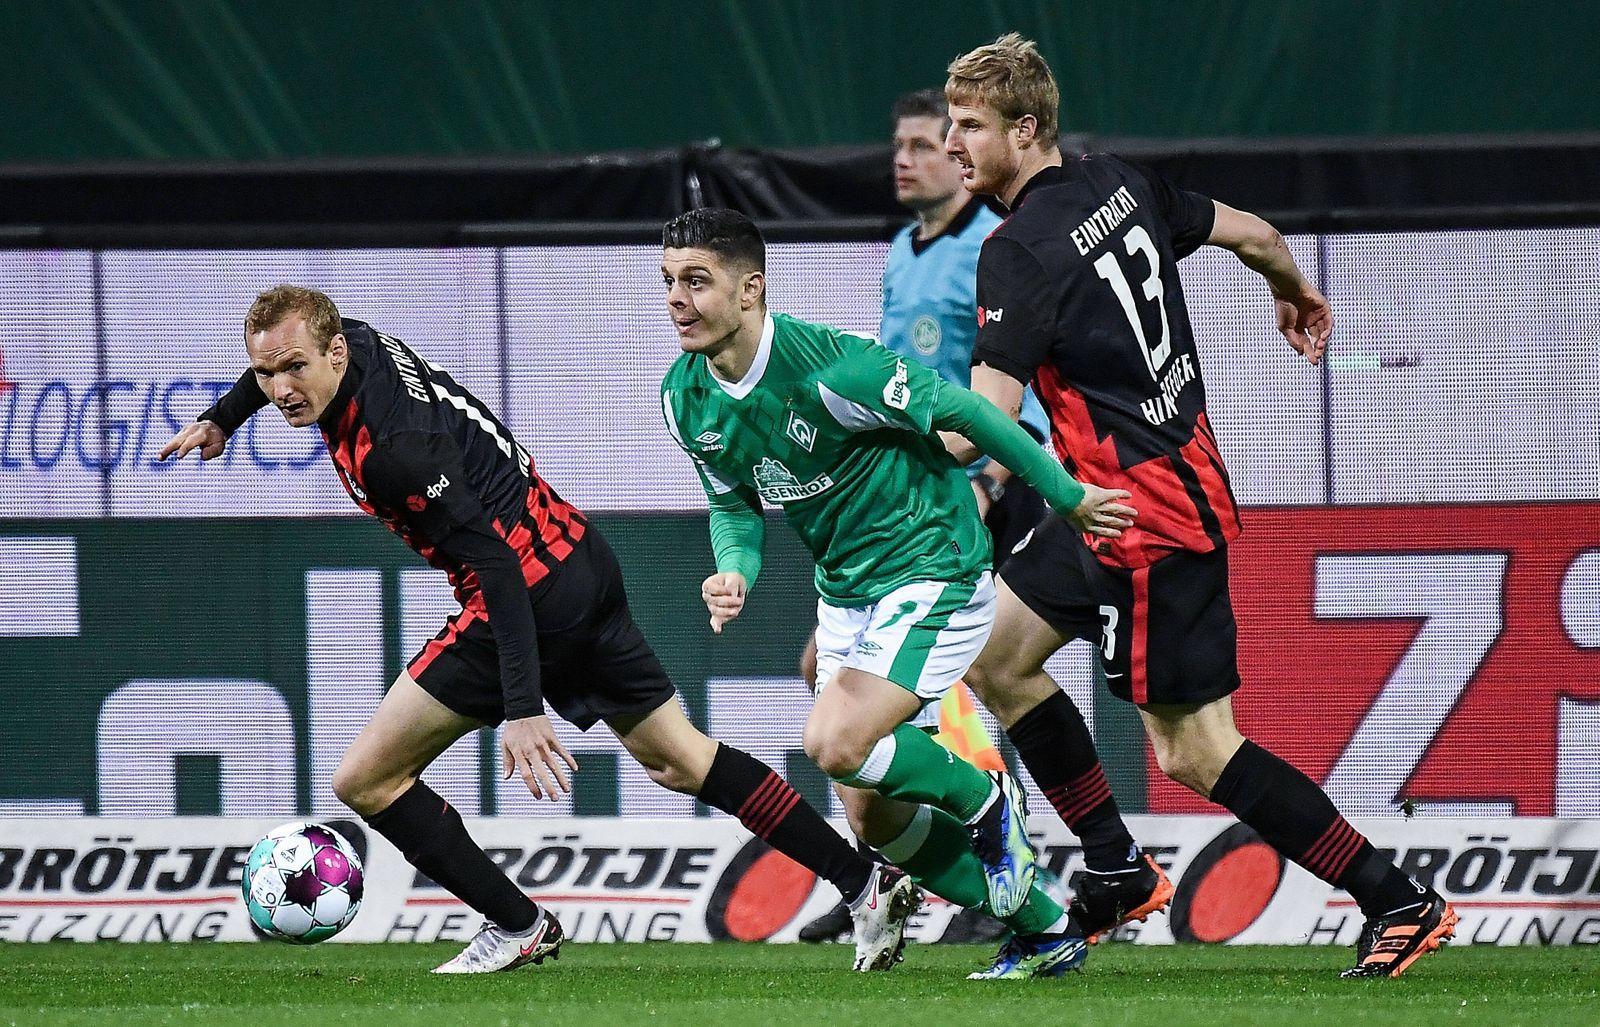 26.02.2021, xjhx, Fussball 1.Bundesliga, SV Werder Bremen - Eintracht Frankfurt emspor, v.l. Sebastian Rode (Eintracht